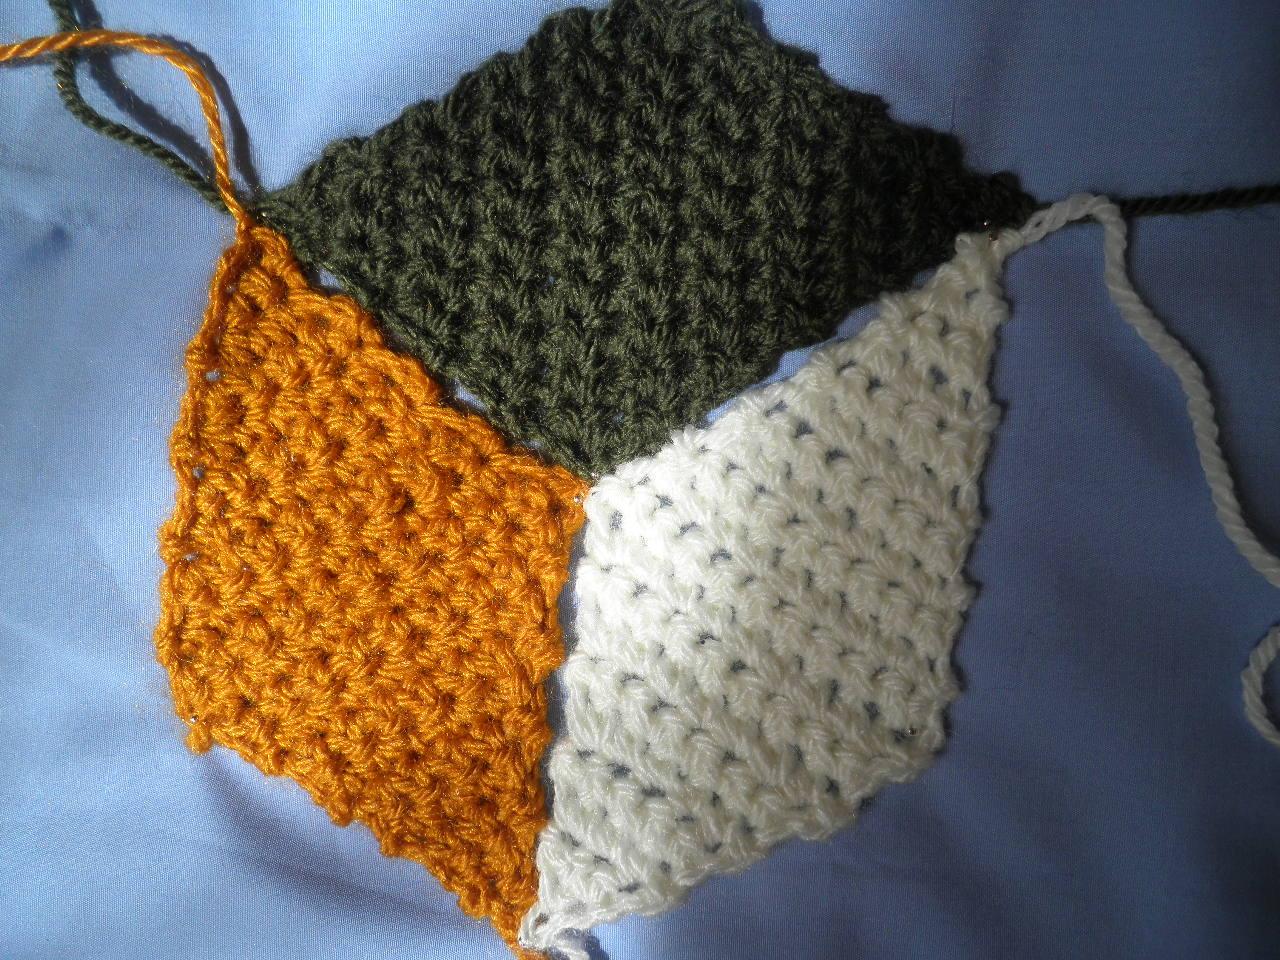 Artes anas rombos y cubos crochet estilo vasarely - Mantas de crochet paso a paso ...